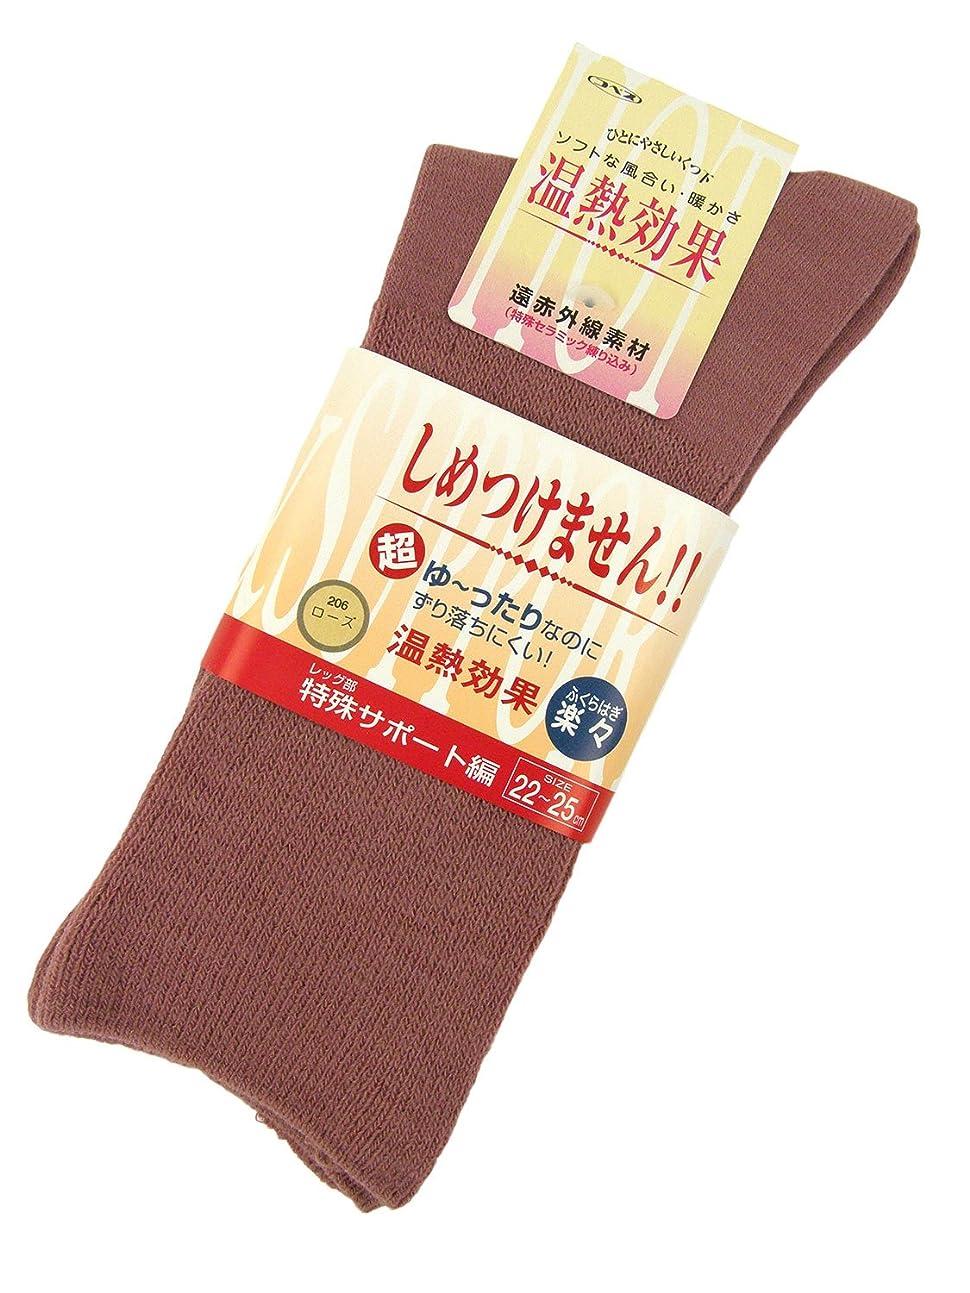 検出可能罪悪感機構神戸生絲 ふくらはぎ楽らくソックス 婦人 秋冬用 ローズ 3900 ローズ